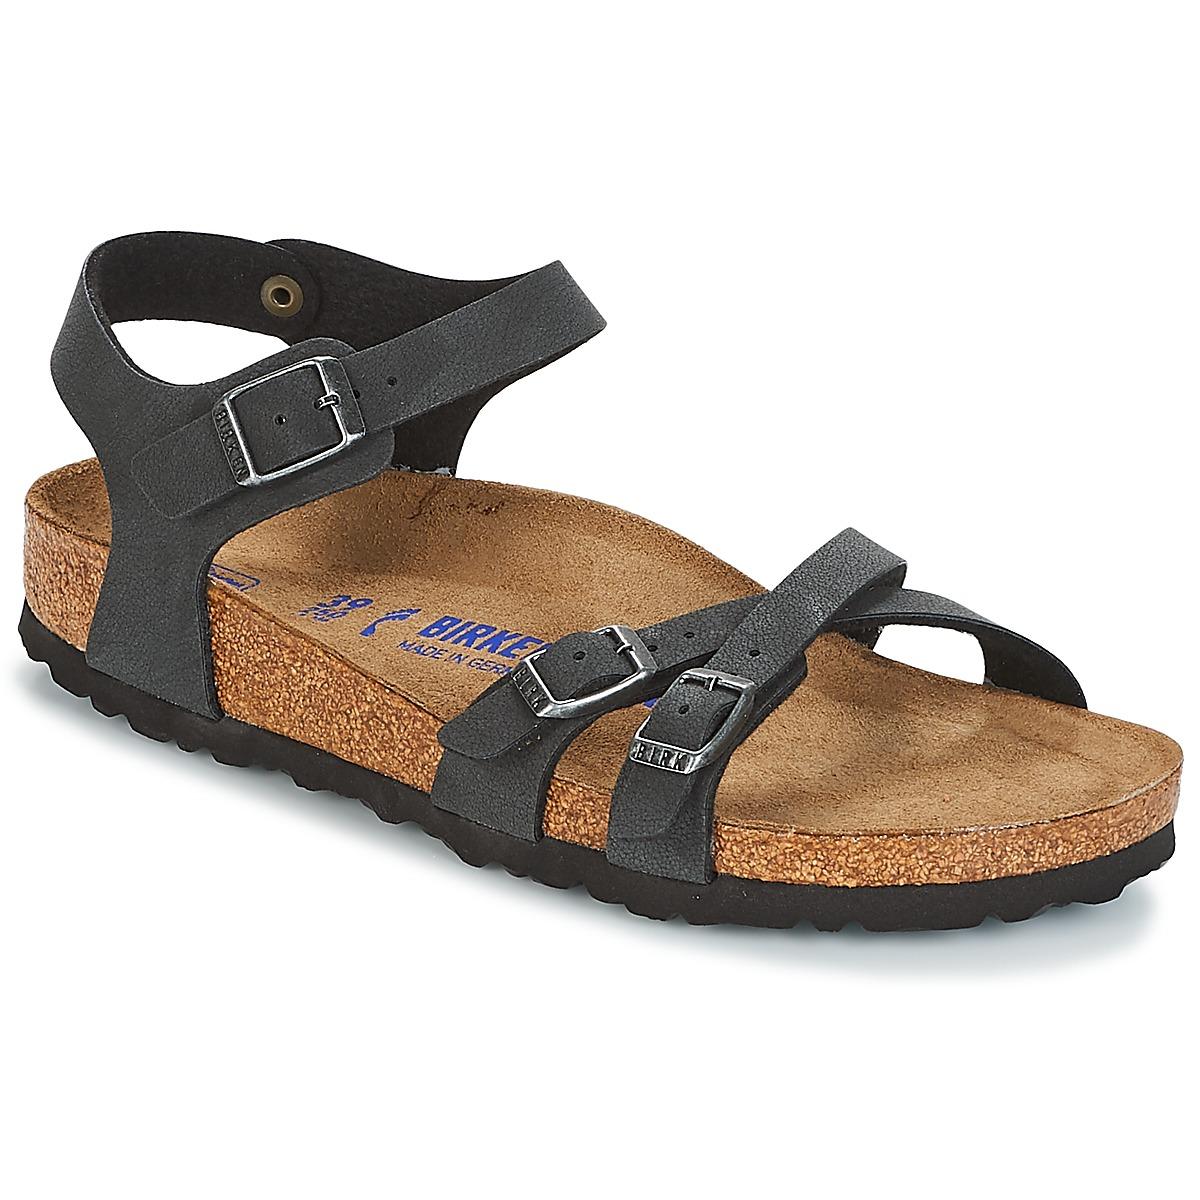 Birkenstock Sandali   Odprti čevlji KUMBA SFB Črna - Ceneje.si f2f394312e1